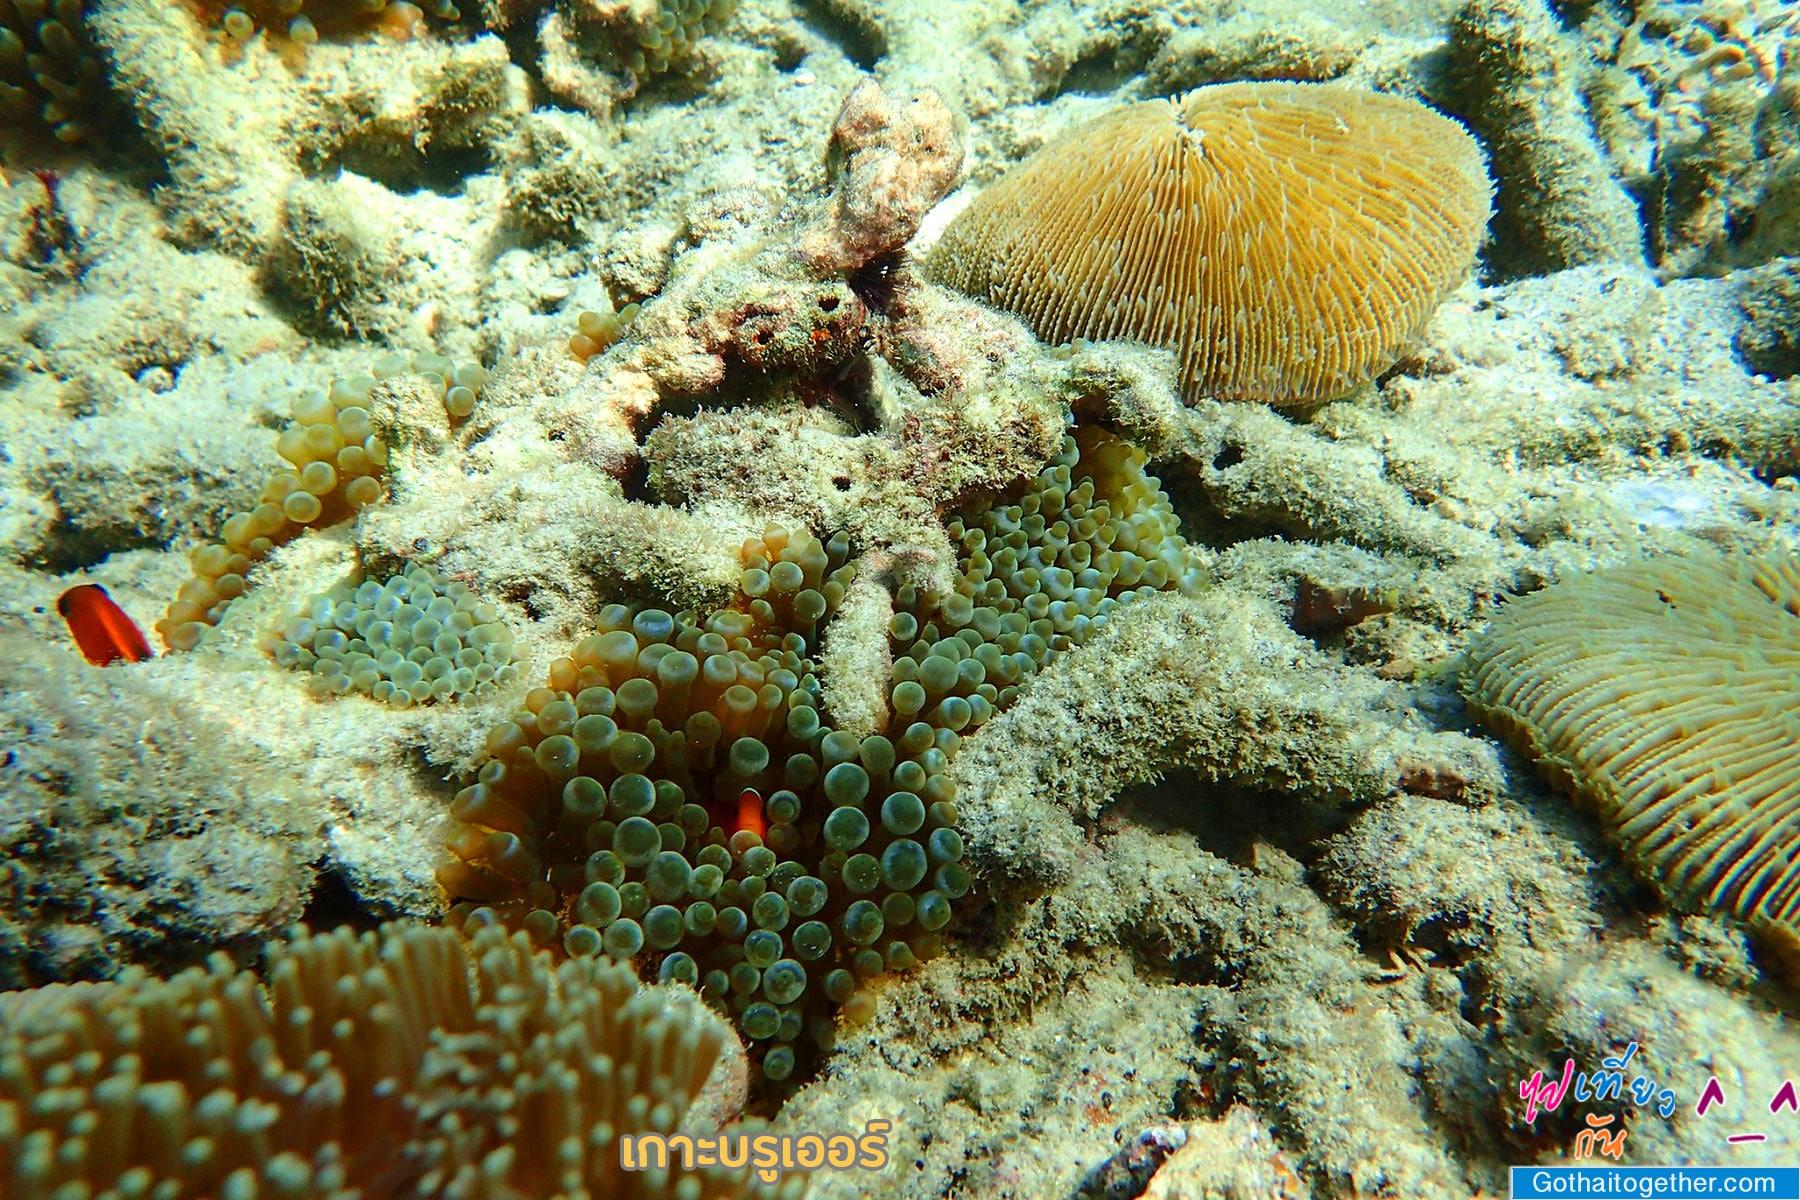 เกาะบรูเออร์ โลกใต้ทะเล สดใหม่ อันสวยงาม สายดำน้ำควรต้องมาเช็คอิน 50